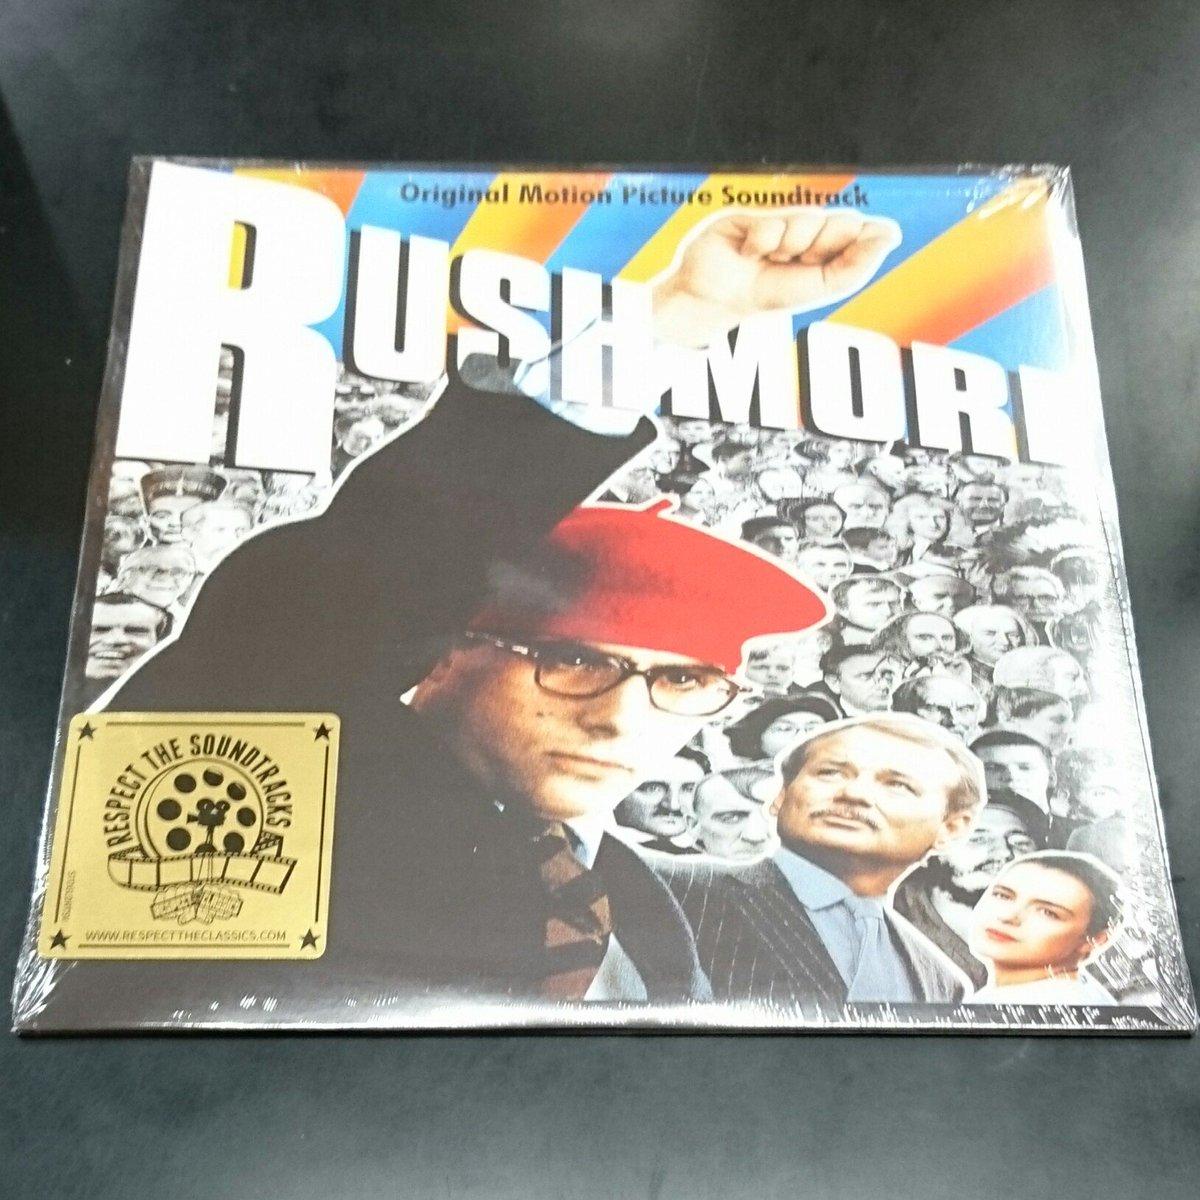 【再入荷】ウェス・アンダーソン監督の98年傑作『天才マックスの世界』の輸入レコード好評販売中ですっ!お早めに。#新宿 #映画 #レコード #サントラ #filmsoundtrack #vinyllover #shinuku pic.twitter.com/vHG4P3RGdI